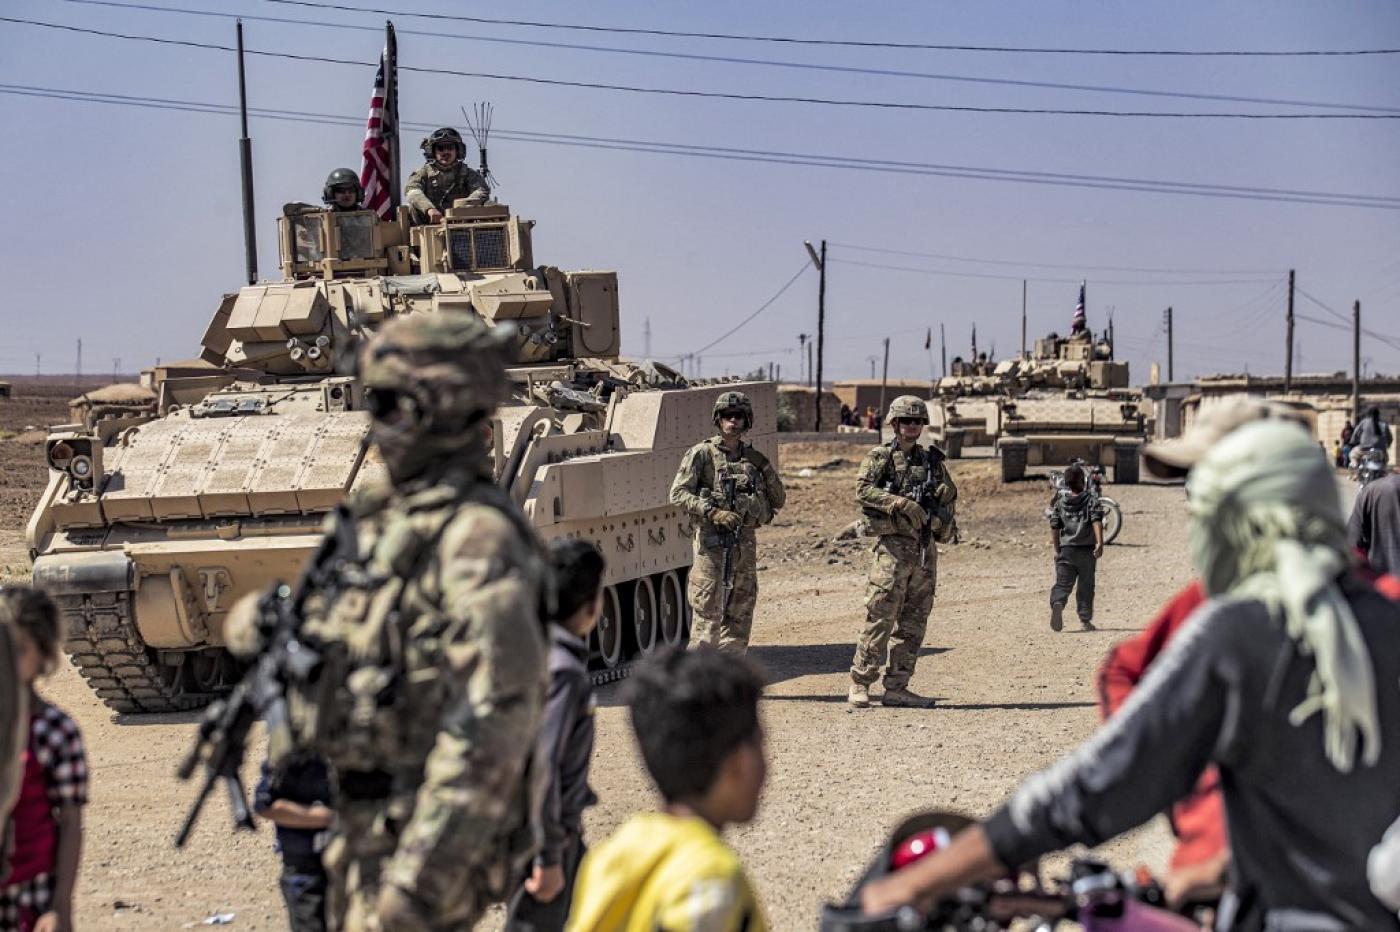 الحرب في سوريا: بينما تتنافس الدول الأخرى على النفوذ، الاتحاد الأوروبي يقوم بالتمويل